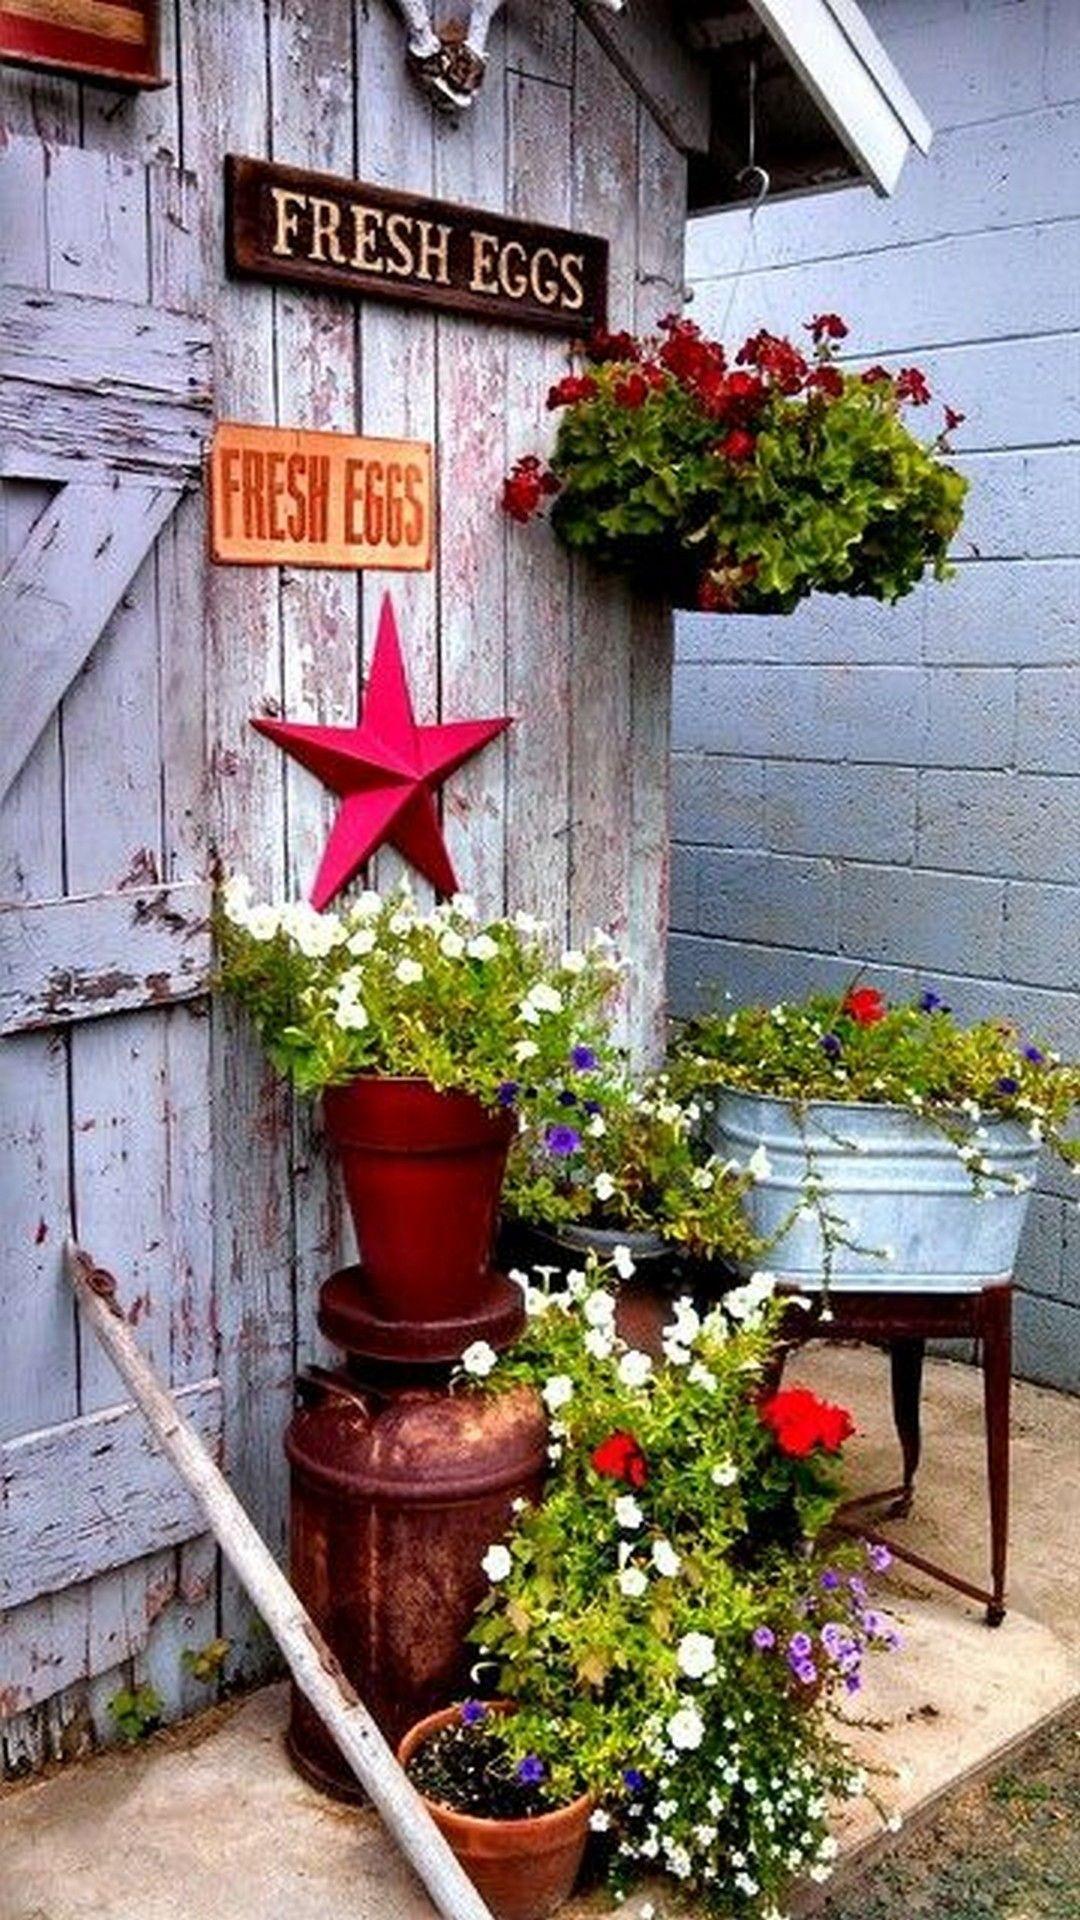 30 Pretty Vintage Garden Decor Ideas For Your Outdoor Space Rustic Gardens Spring Garden Rustic Throw